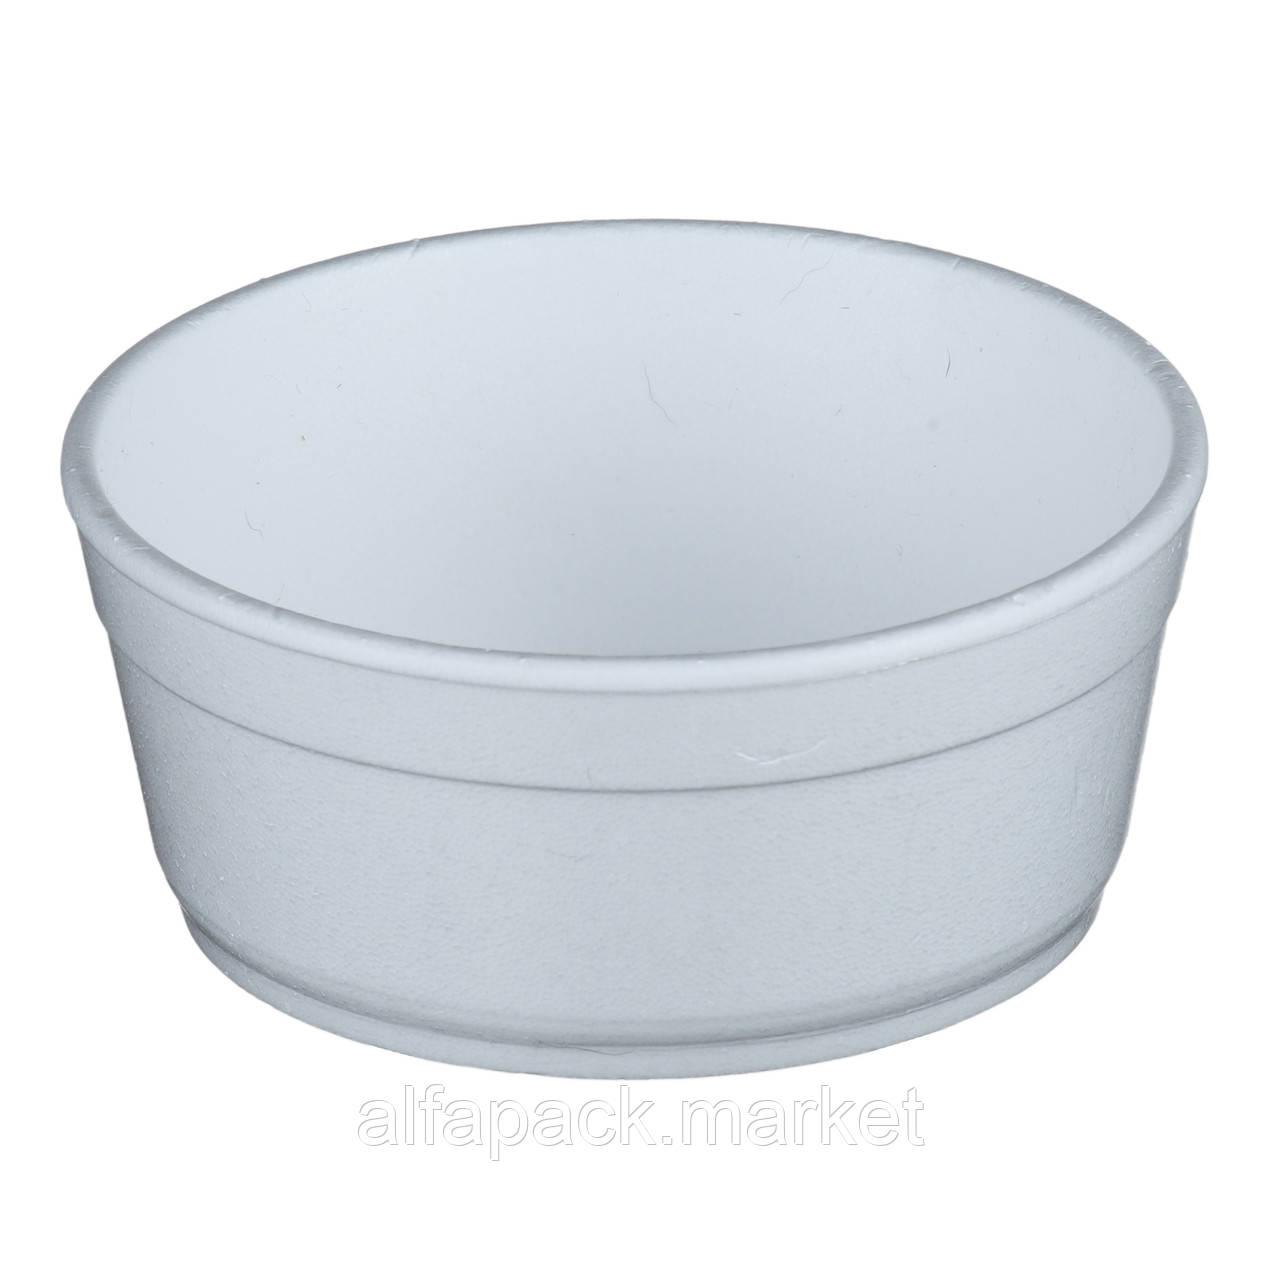 Супниця з спіненого полістиролу 340 мл з кришкою (50 шт в упаковці) 010600506